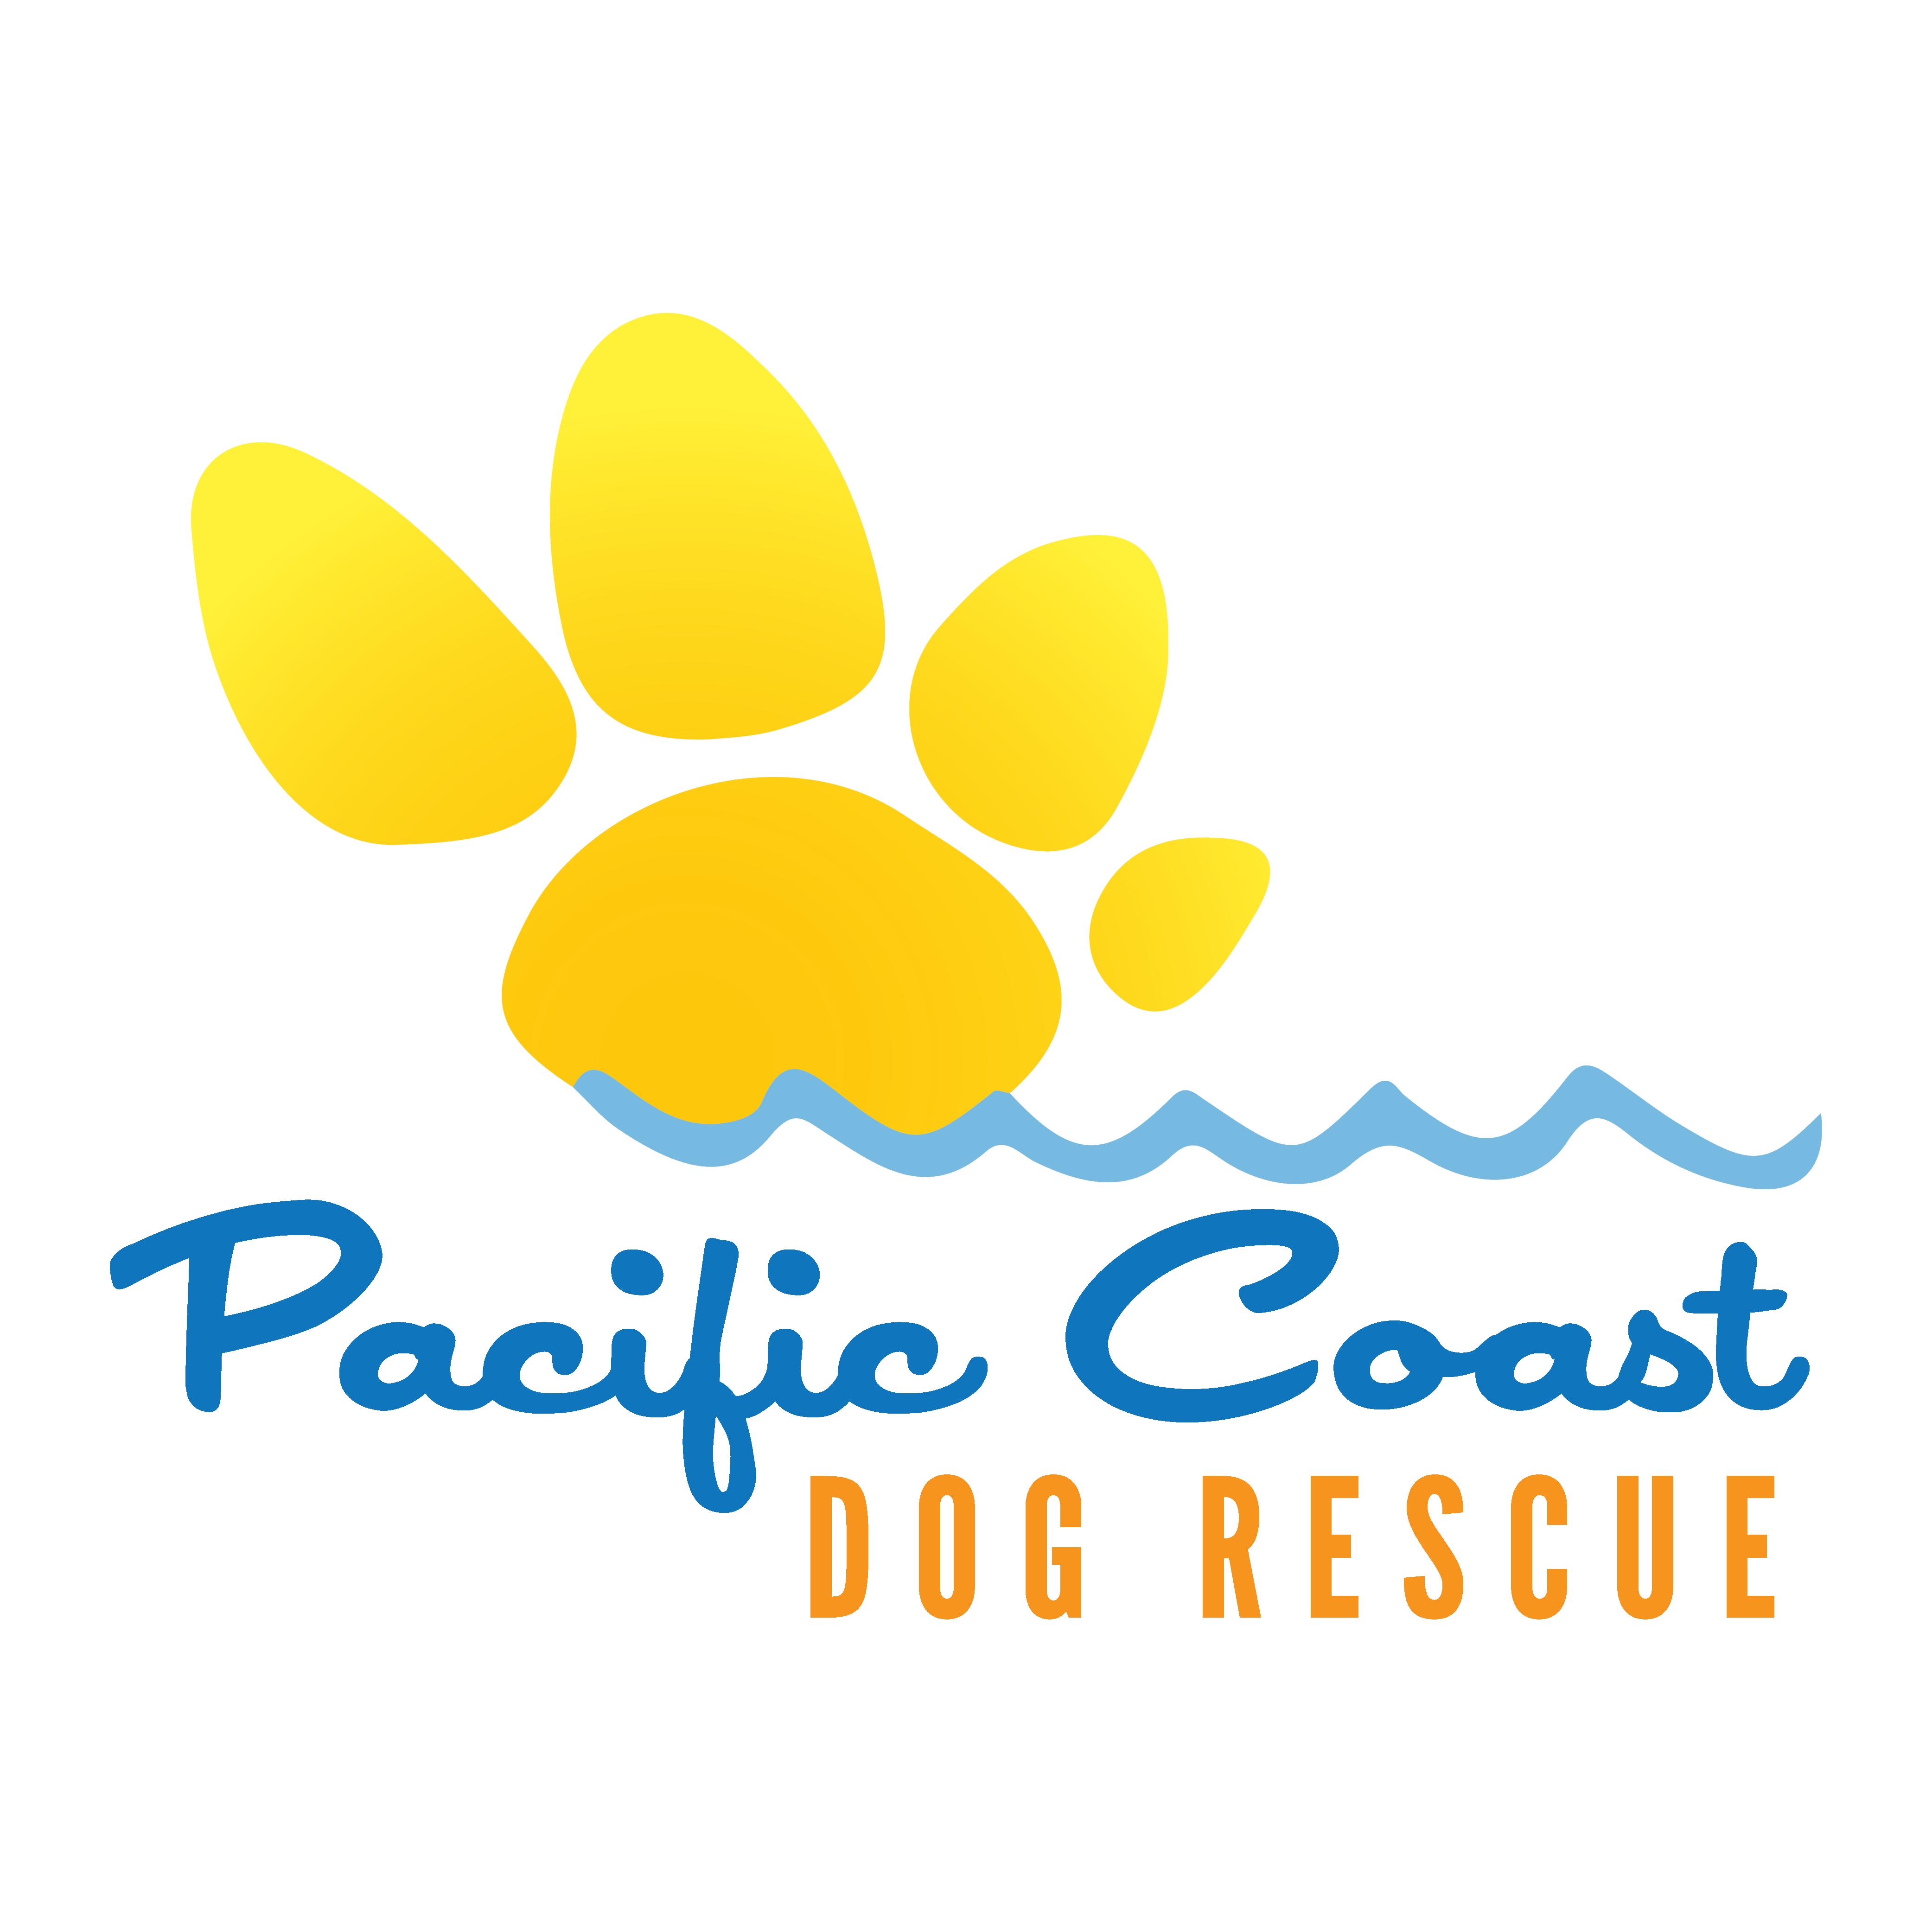 Pacific Coast Dog Rescue Logo